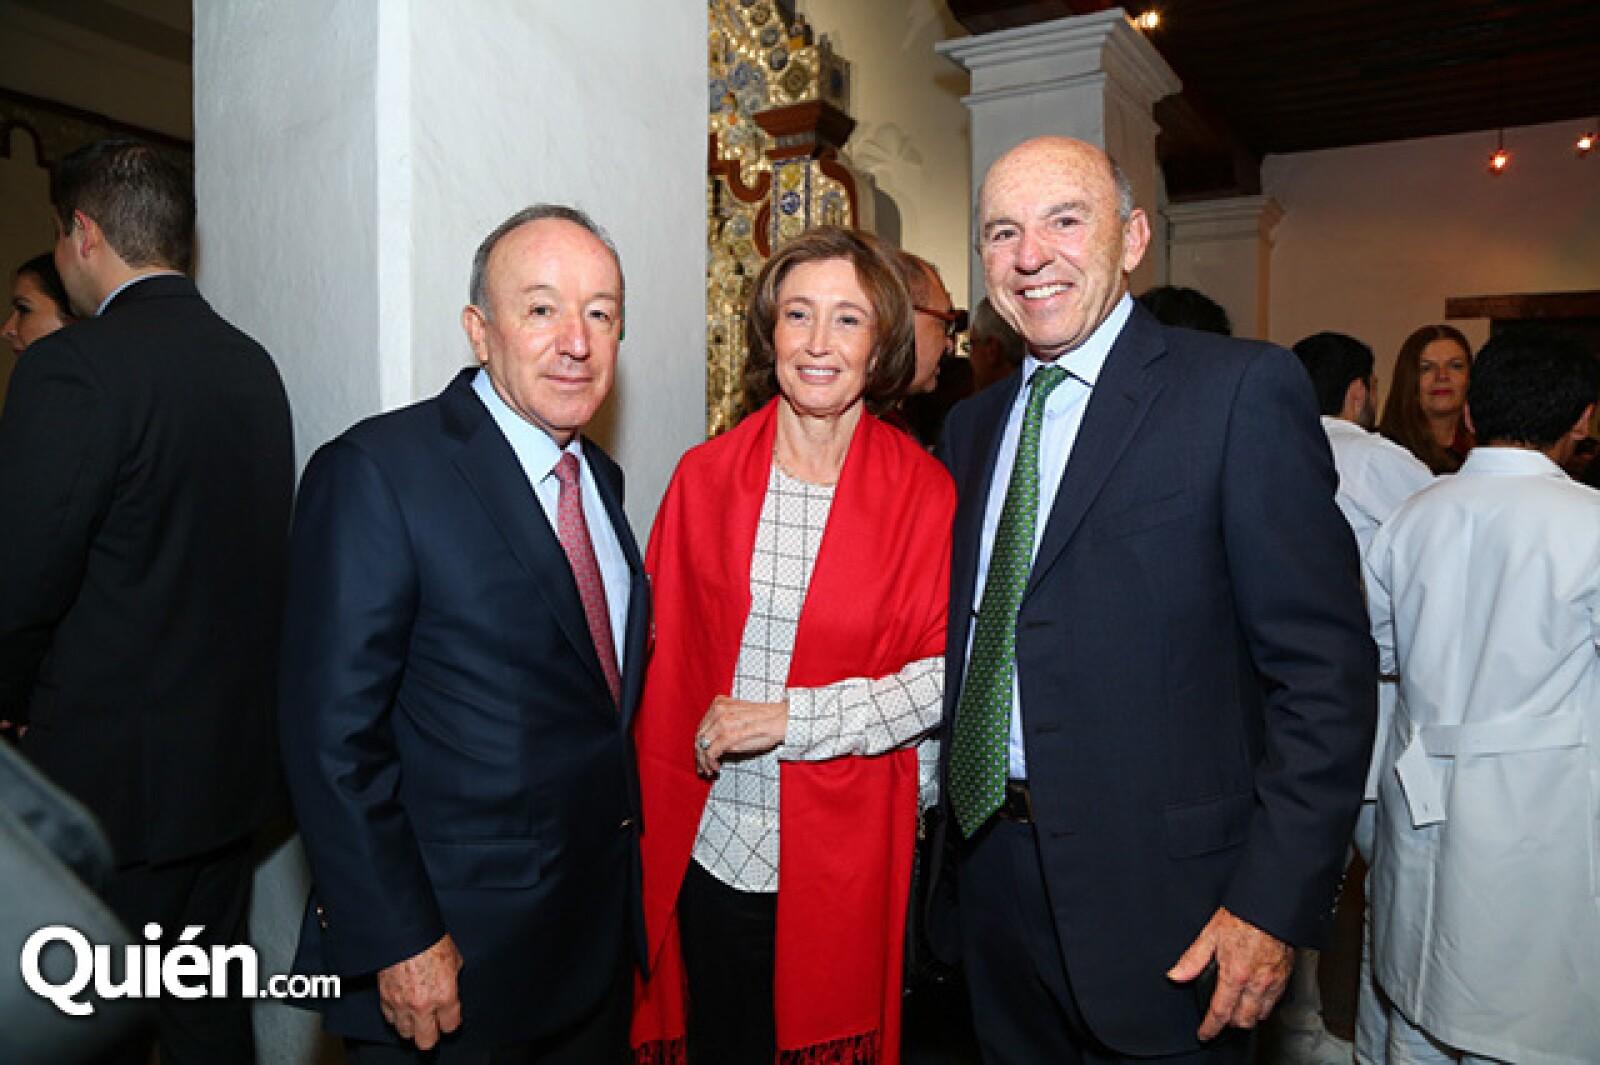 Roberto Alcántara, Leonor y Jaime Corredor